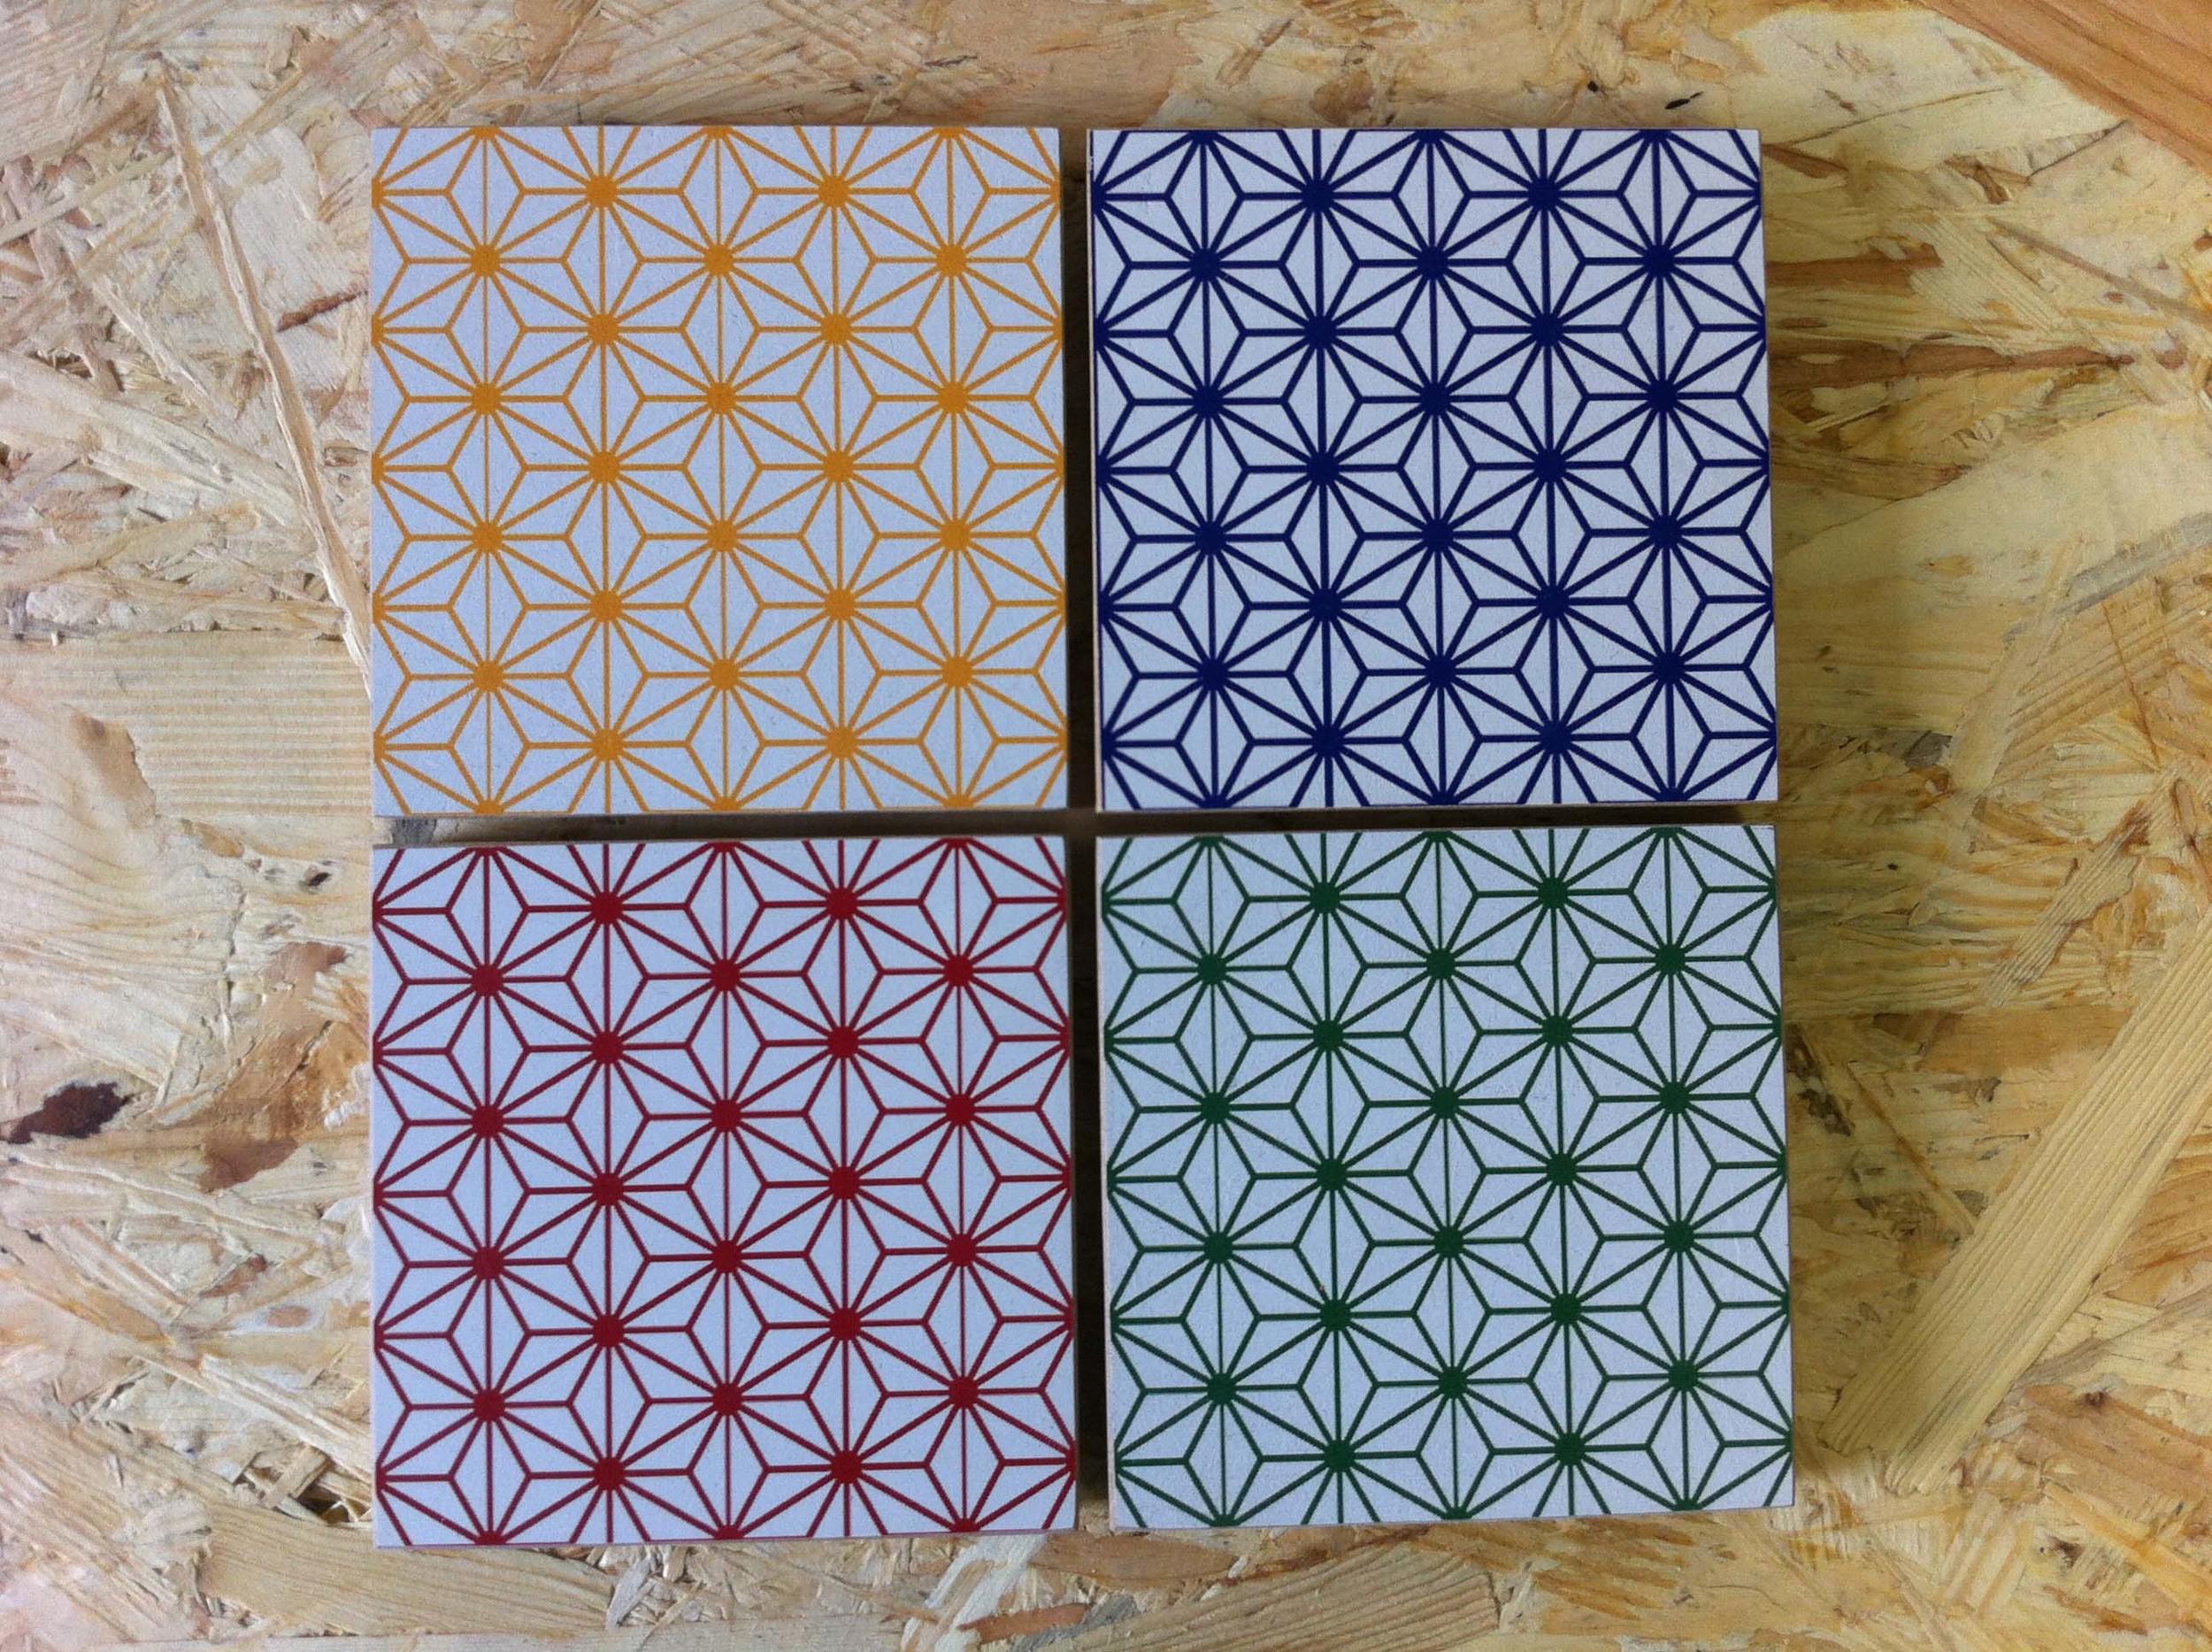 4 étoiles patterns color ànouveau upcycling écodesign.JPG